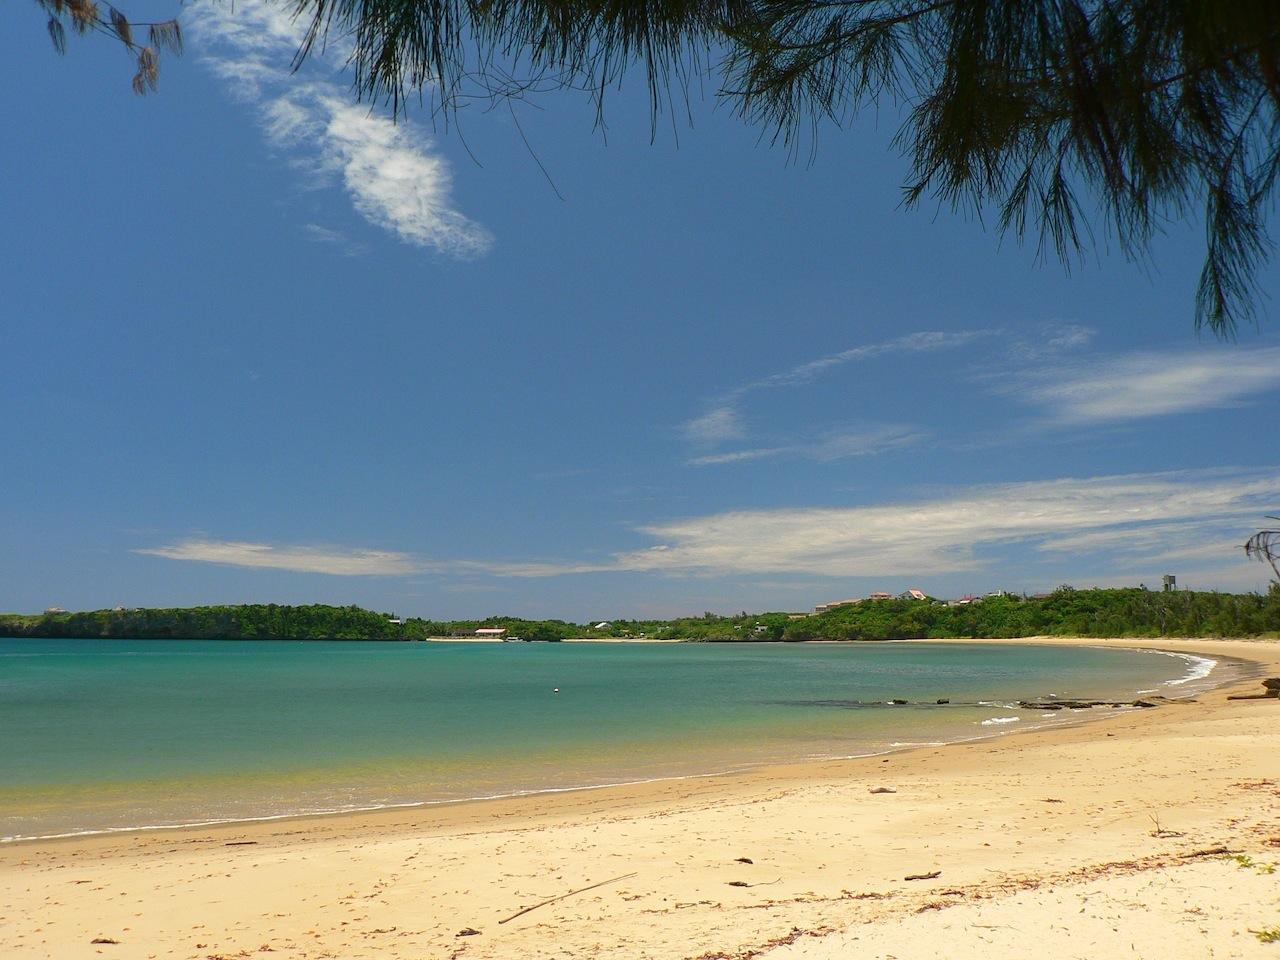 ニラカナイ付近の静かな西表島のビーチ